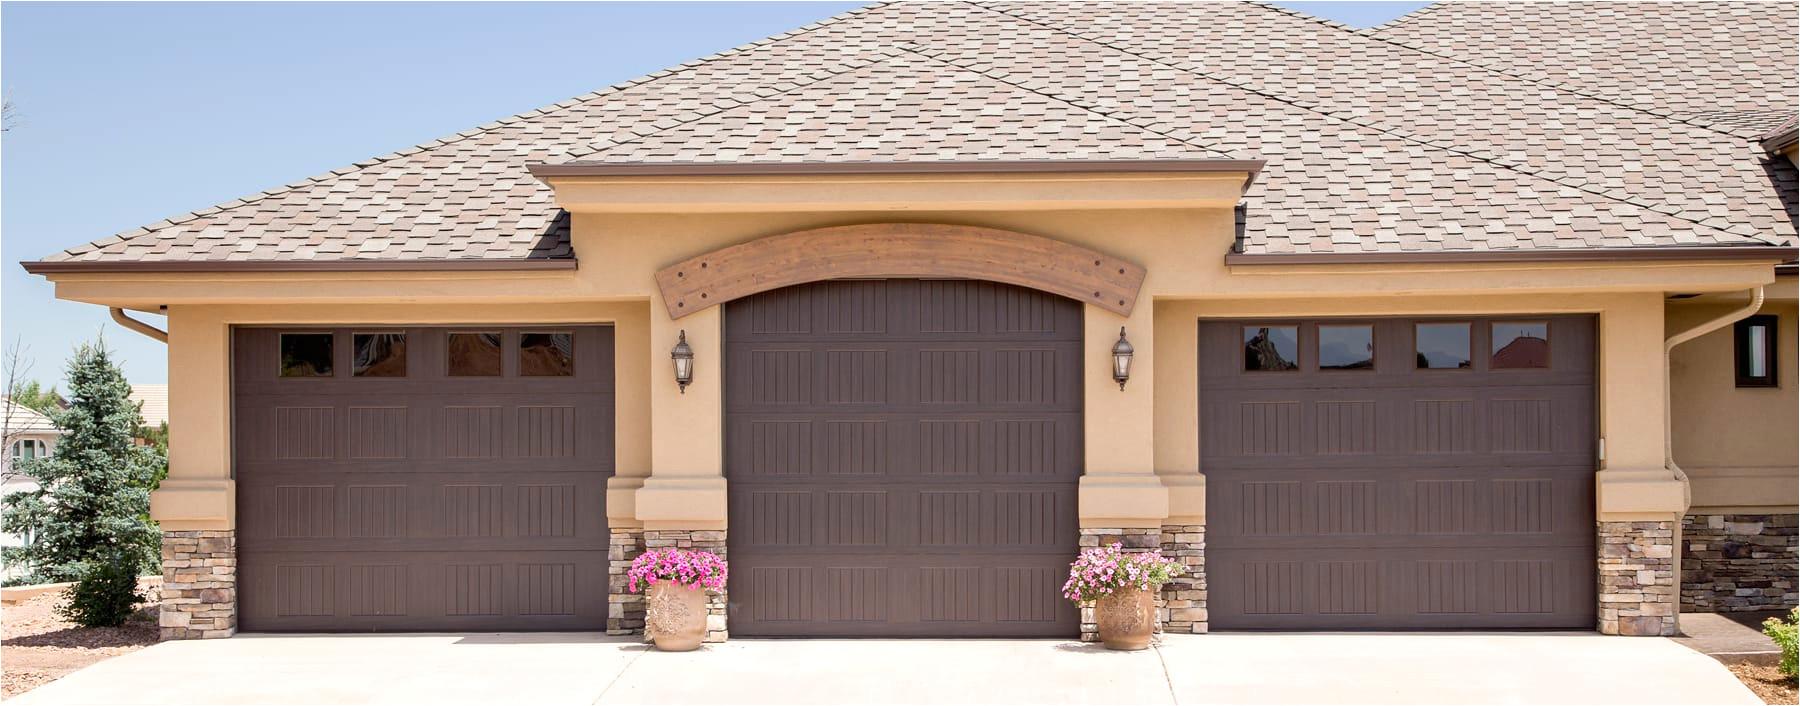 Overhead Garage Door Lubbock Texas Garage Door No Power Archives Vikupauto